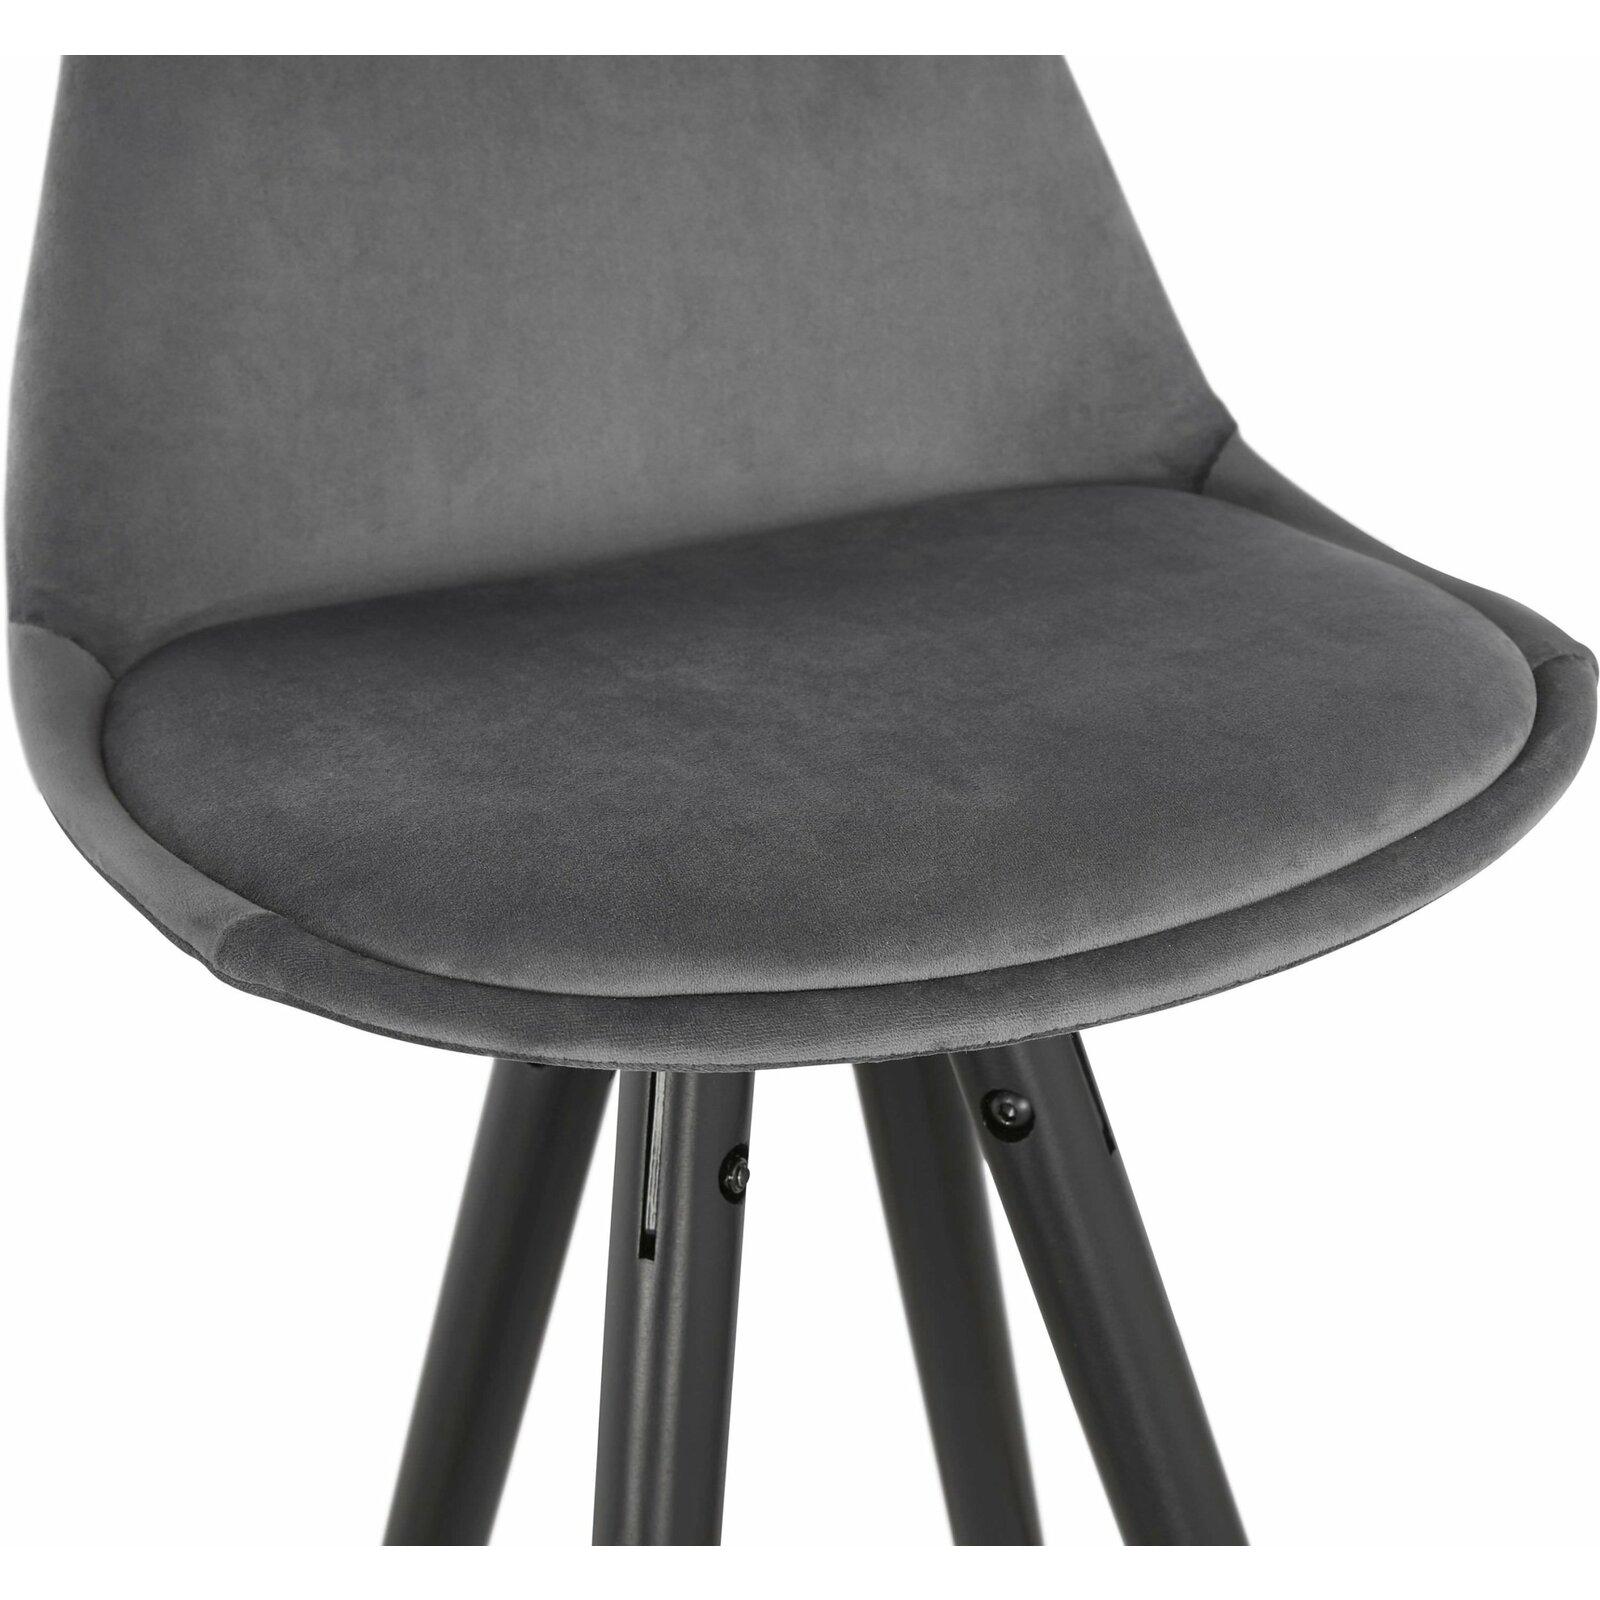 Tabouret de bar design bois noir et velours gris h97cm